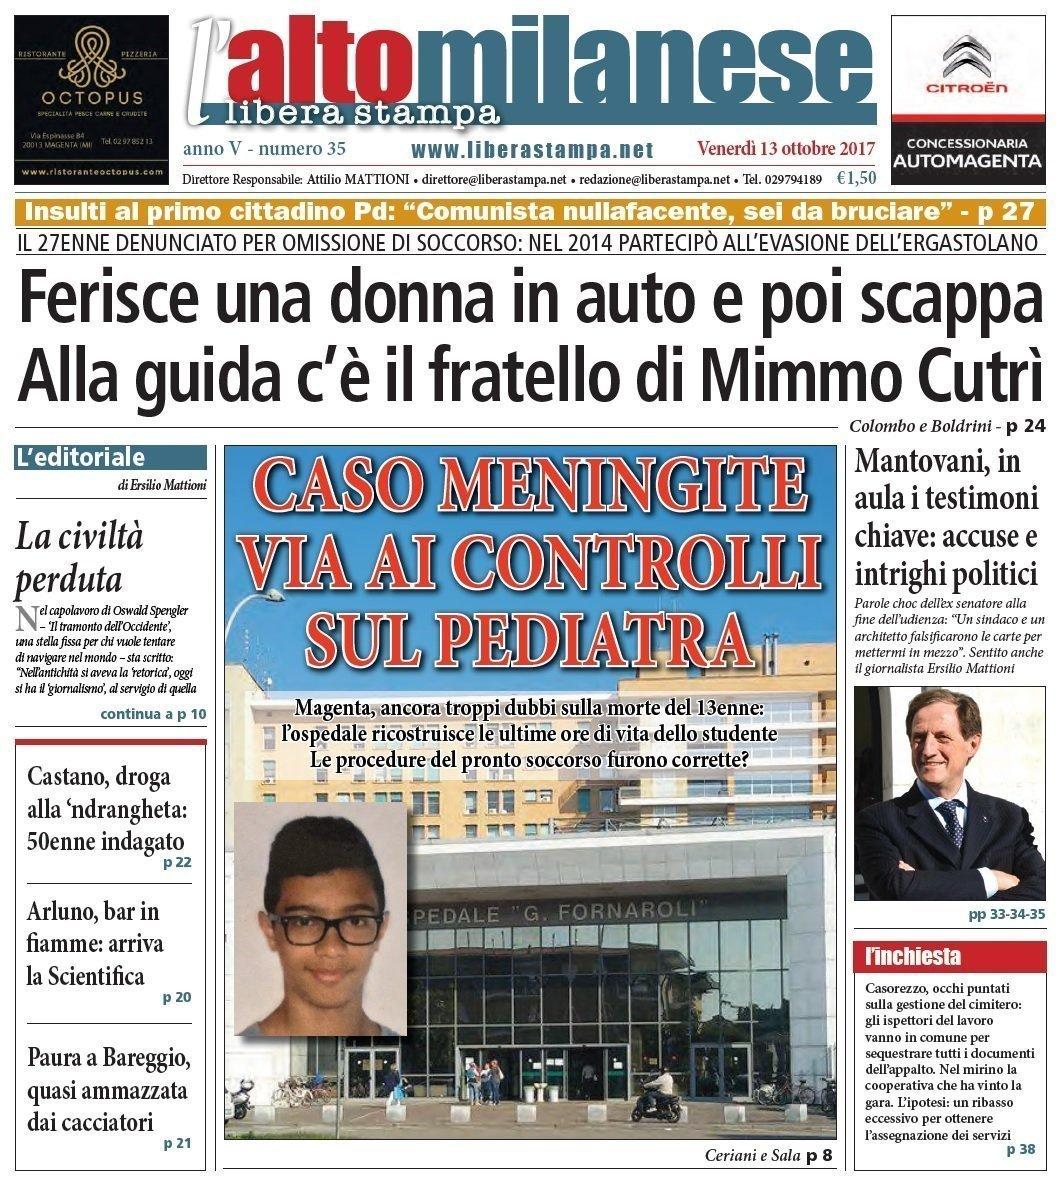 prima pagina 13 ottobre 2017 libera stampa l'altomilanese